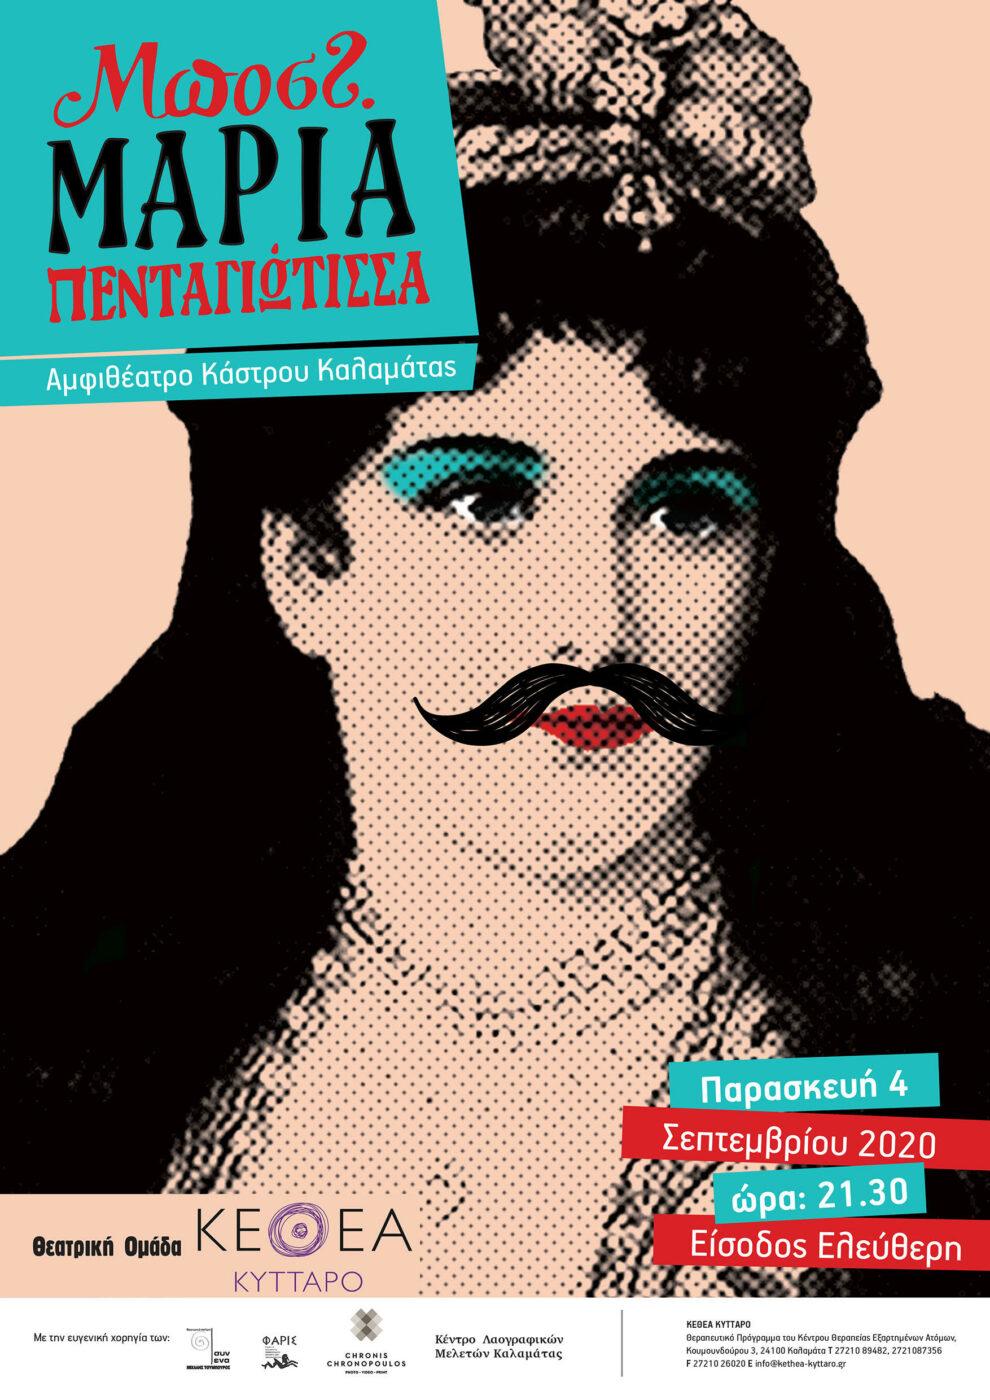 Η «Μαρία Πενταγιώτισσα» του Μποστ  από το ΚΕΘΕΑ ΚΥΤΤΑΡΟ-ΟΞΥΓΟΝΟ